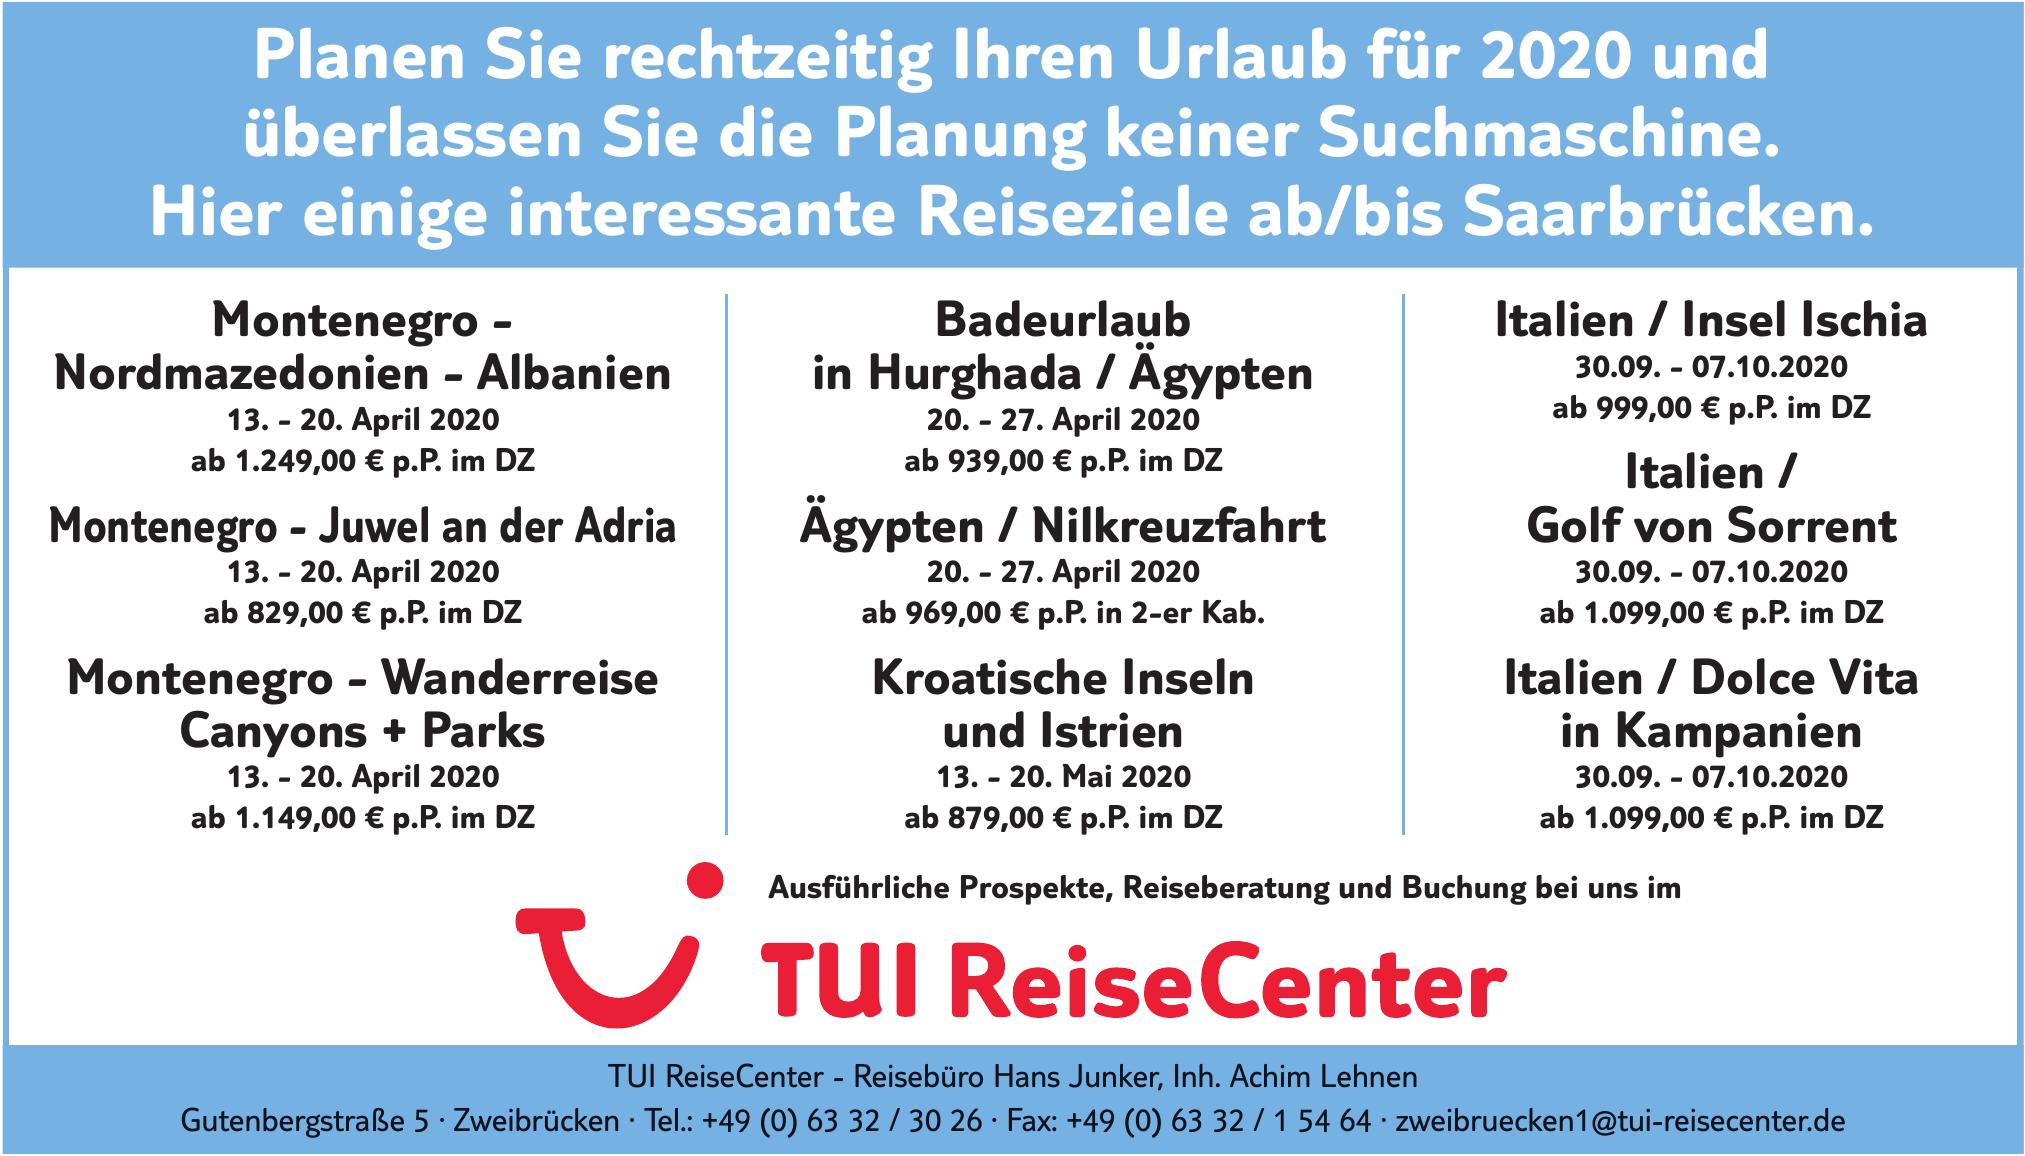 TUI ReiseCenter - Reisebüro Hans Junker